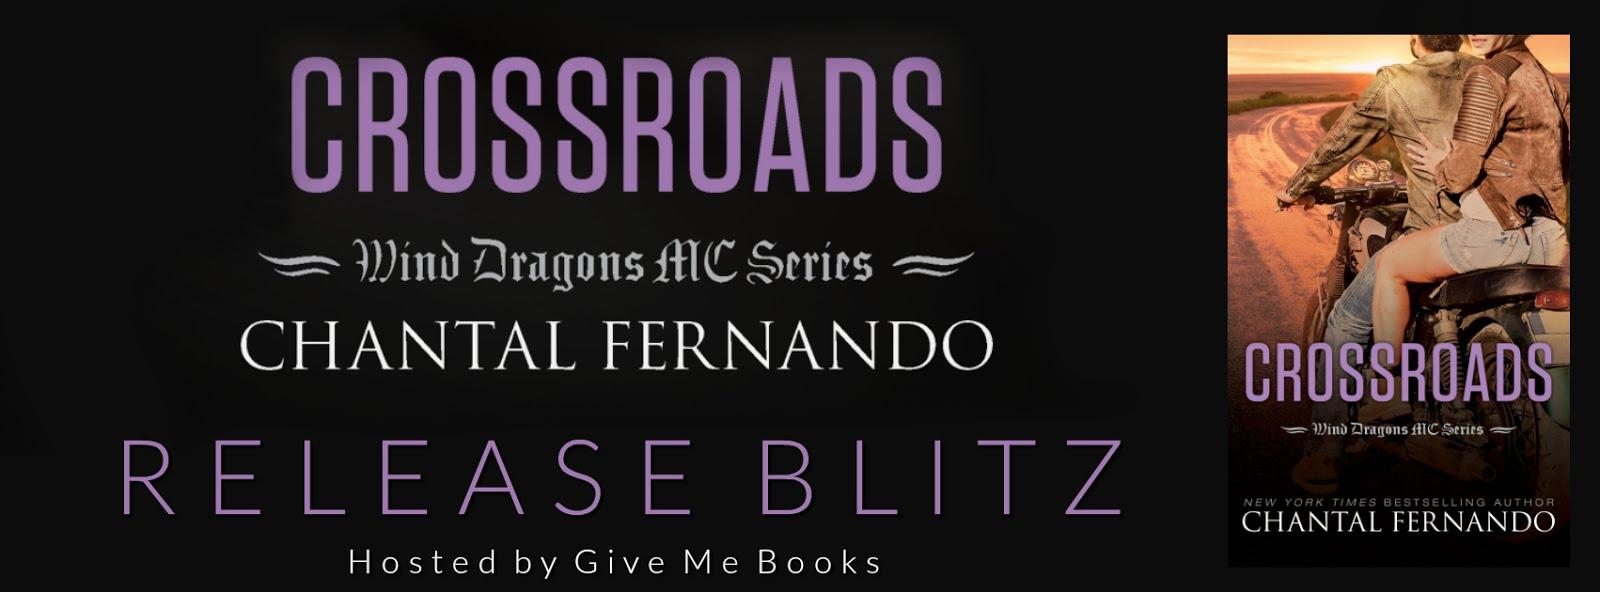 Crossroads Release Blitz